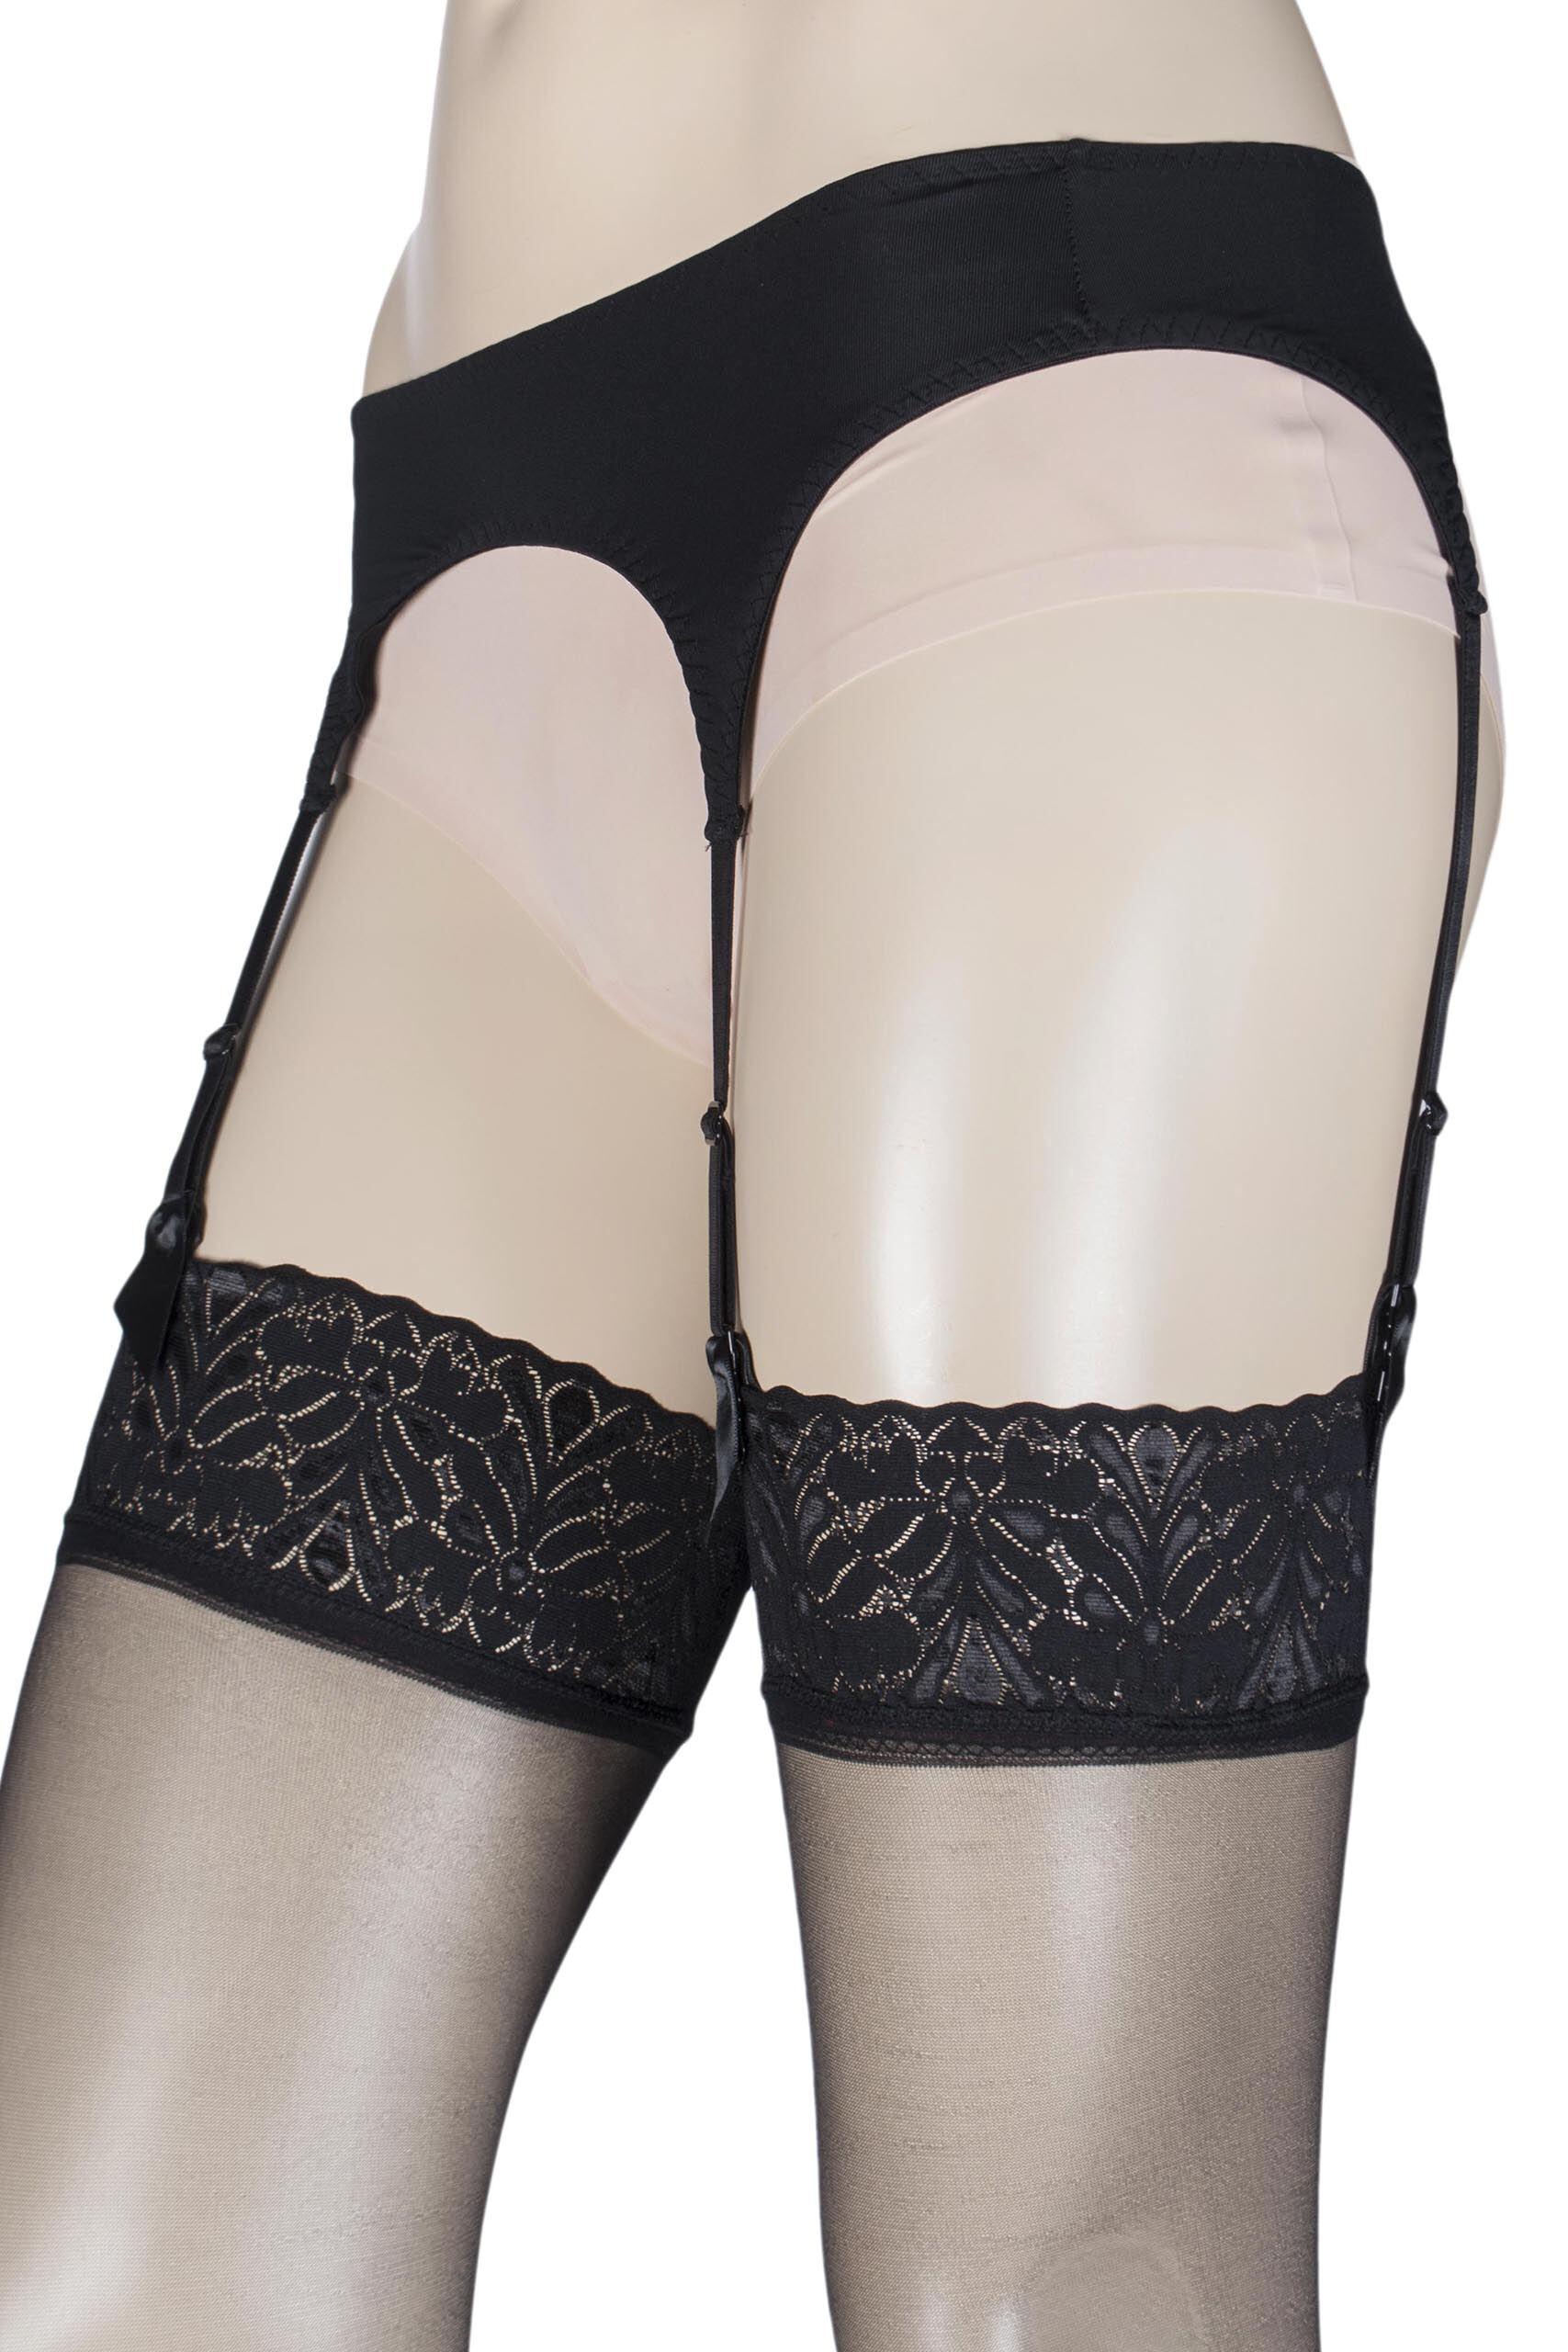 Image of 1 Pack Black Suspender Belt Ladies Small/Medium - Levante